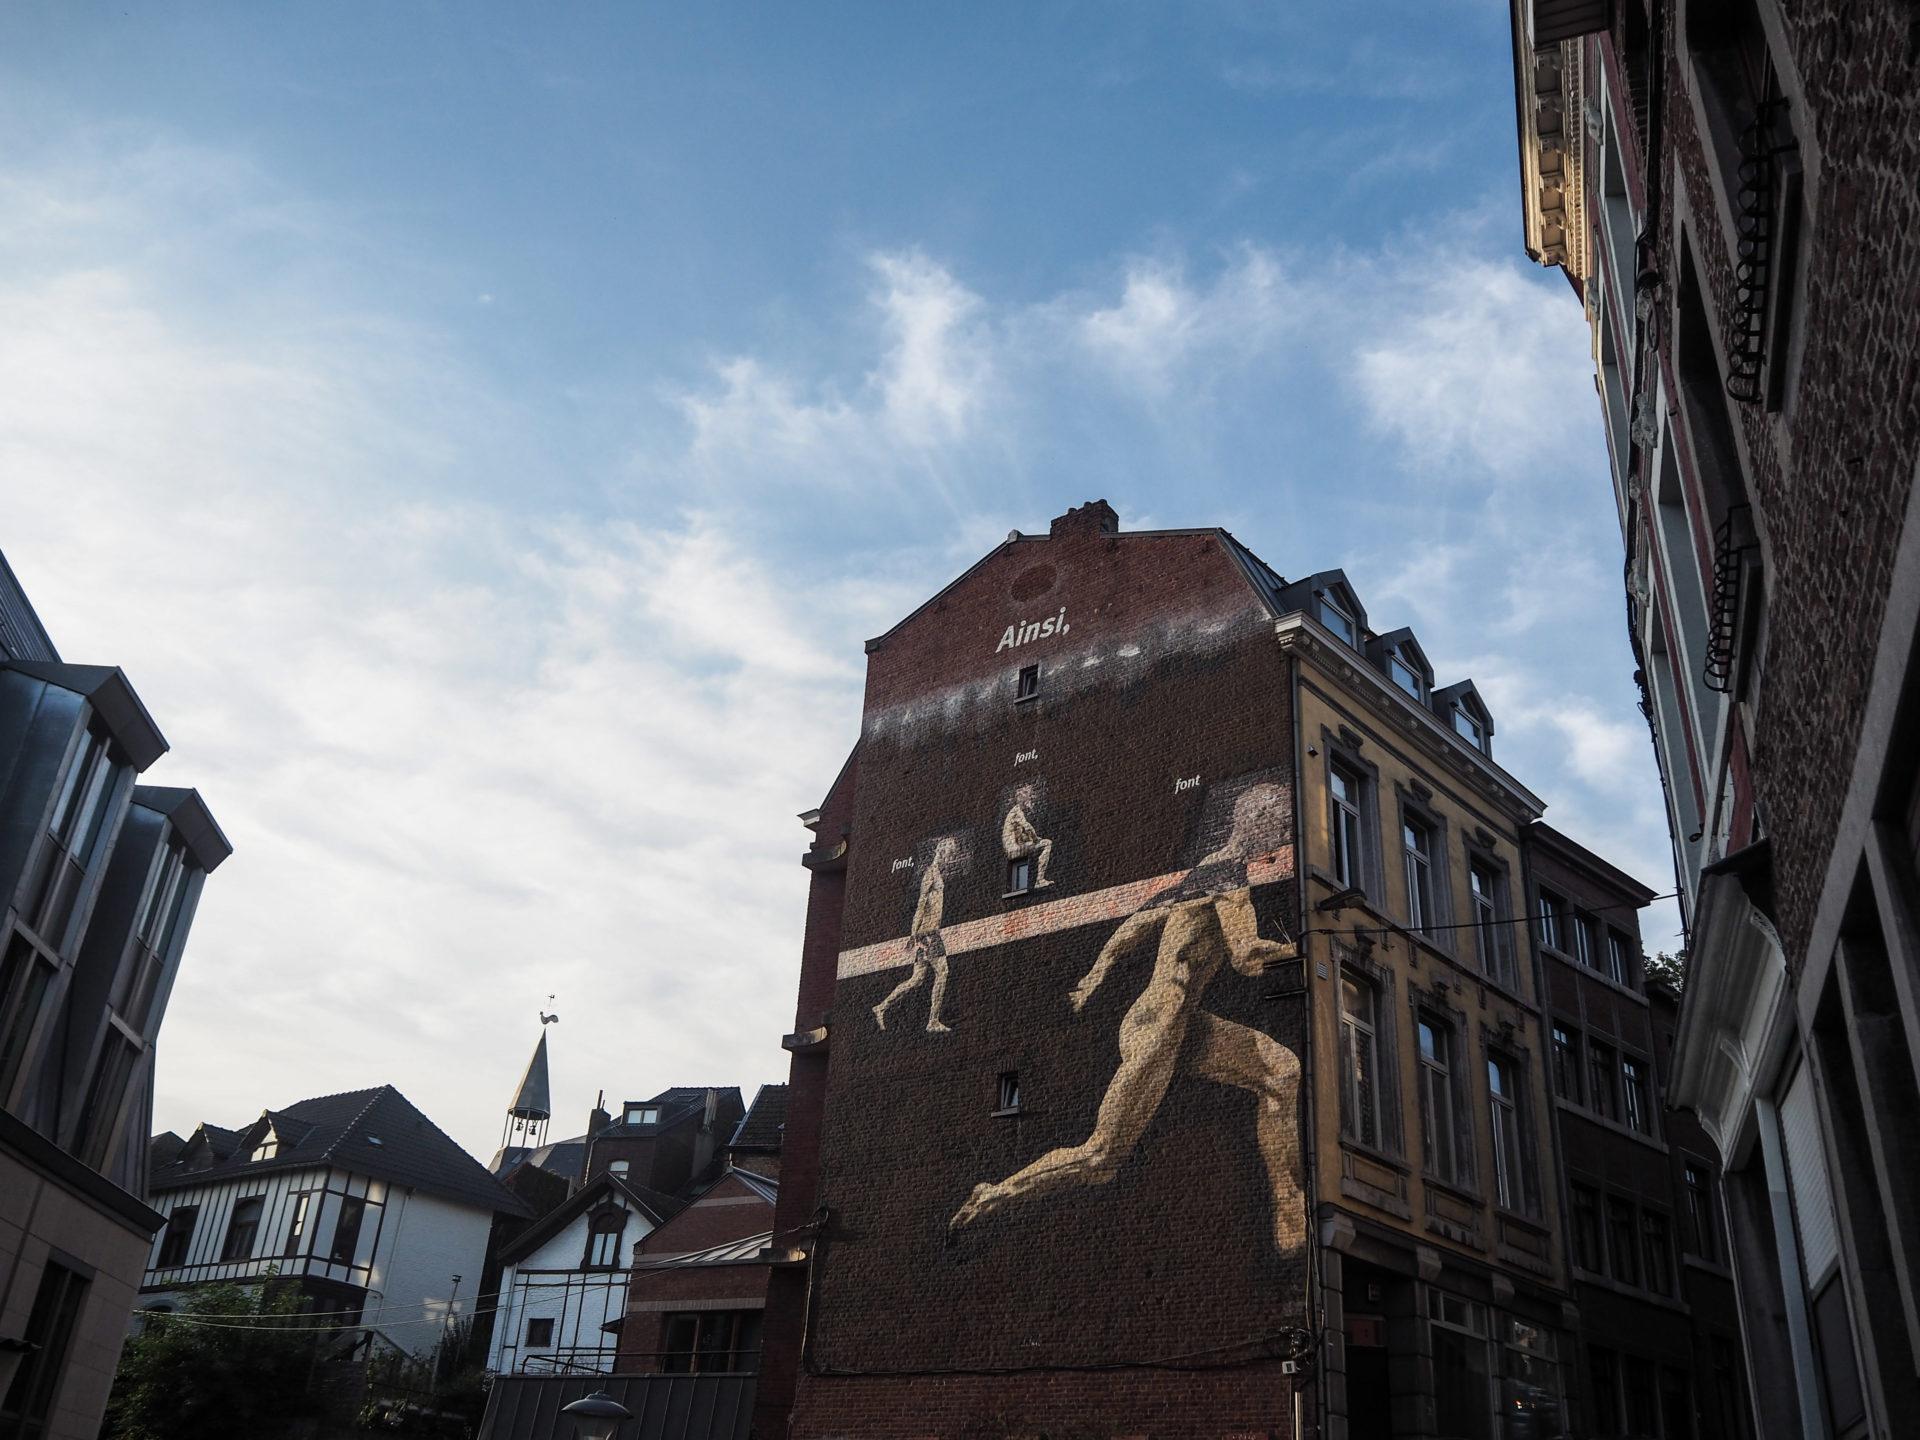 Street art au centre-ville de Liège - Visiter Liège en Belgique en mode slow - Que faire et que visiter à Liège? - Adresses slow et gourmandes à Liège - Informations pratiques pour visiter Liège et en tomber amoureuse en quelques instants!